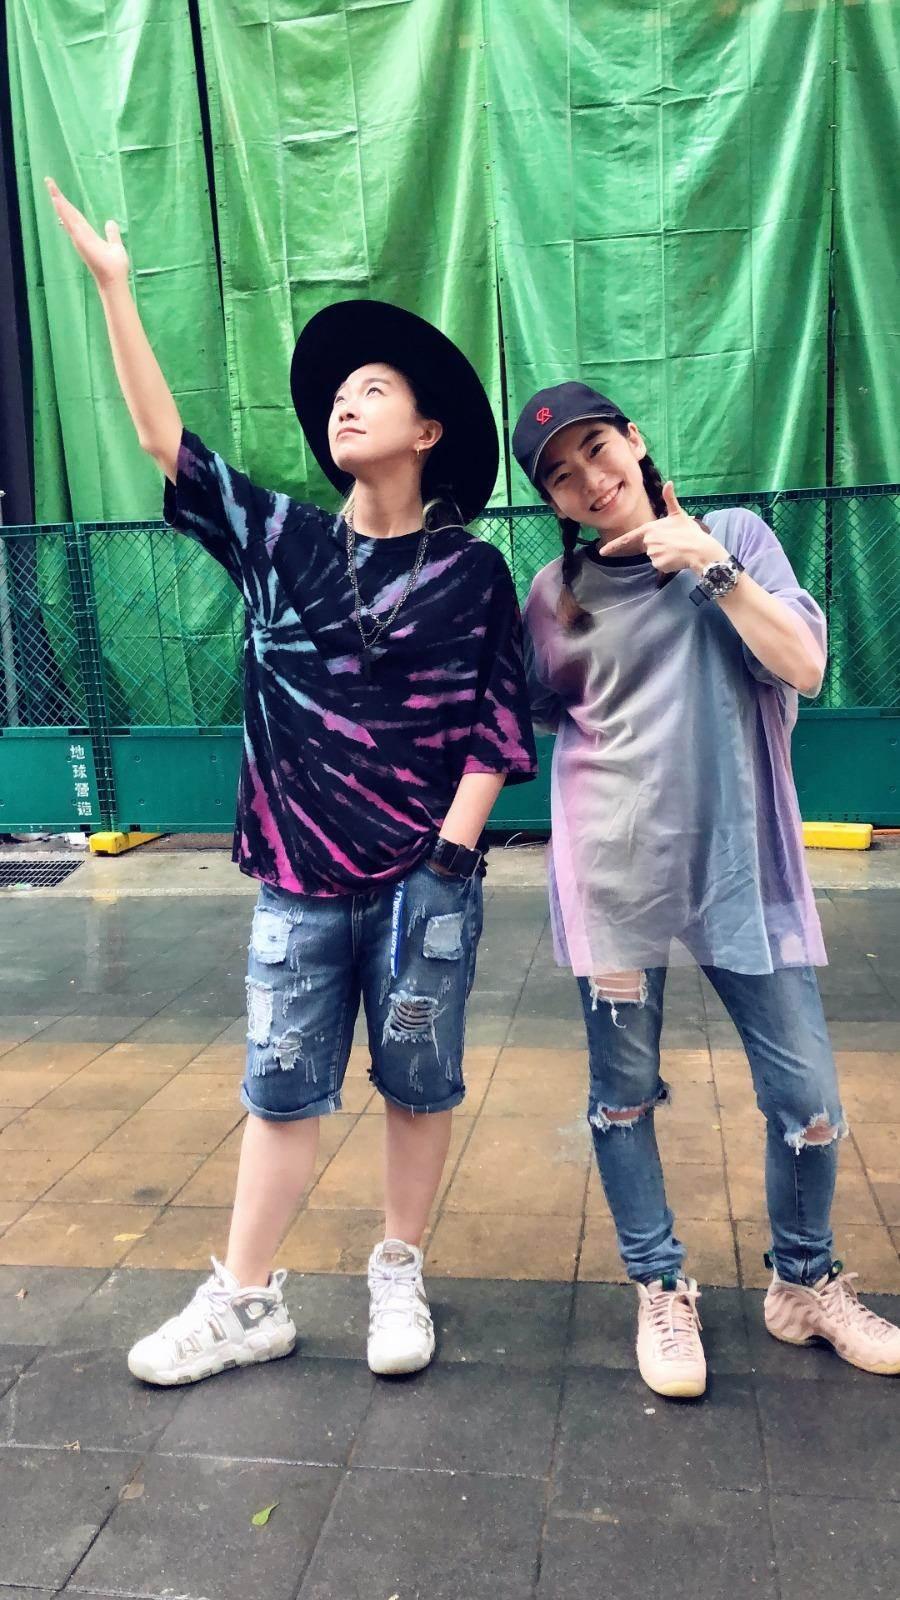 張芸京和羅小白首次在街頭演出。經紀人提供